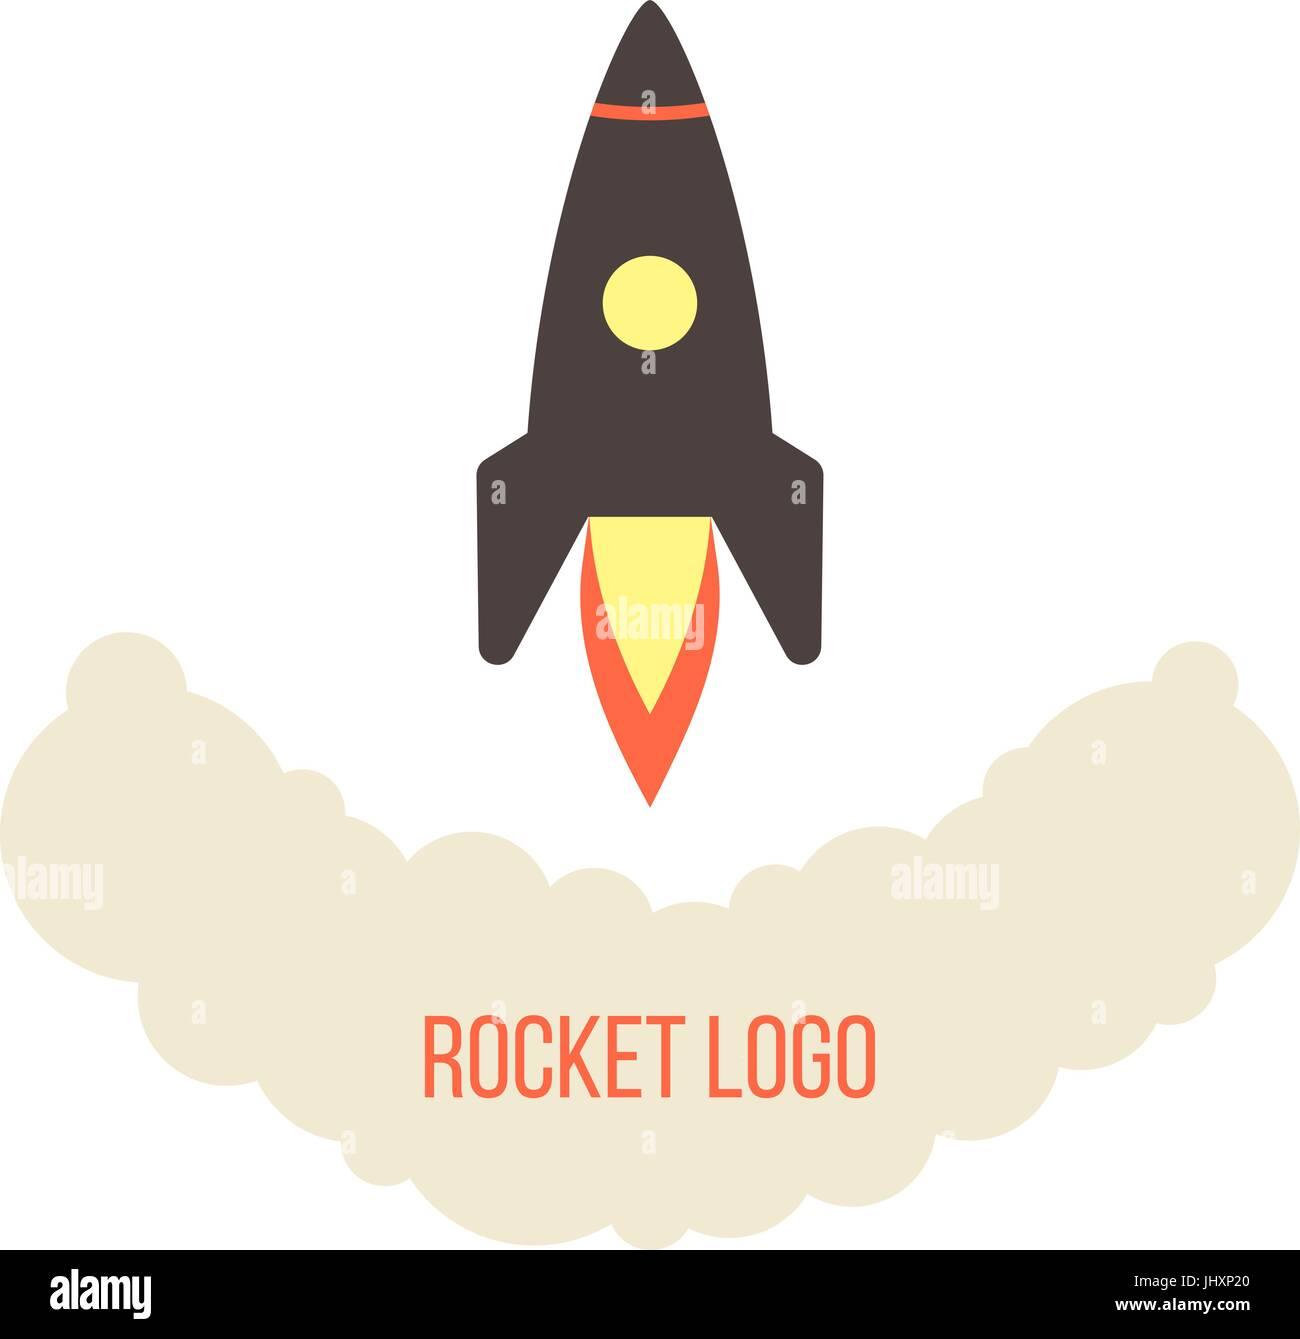 rocket launch logo isolated on white background - Stock Image